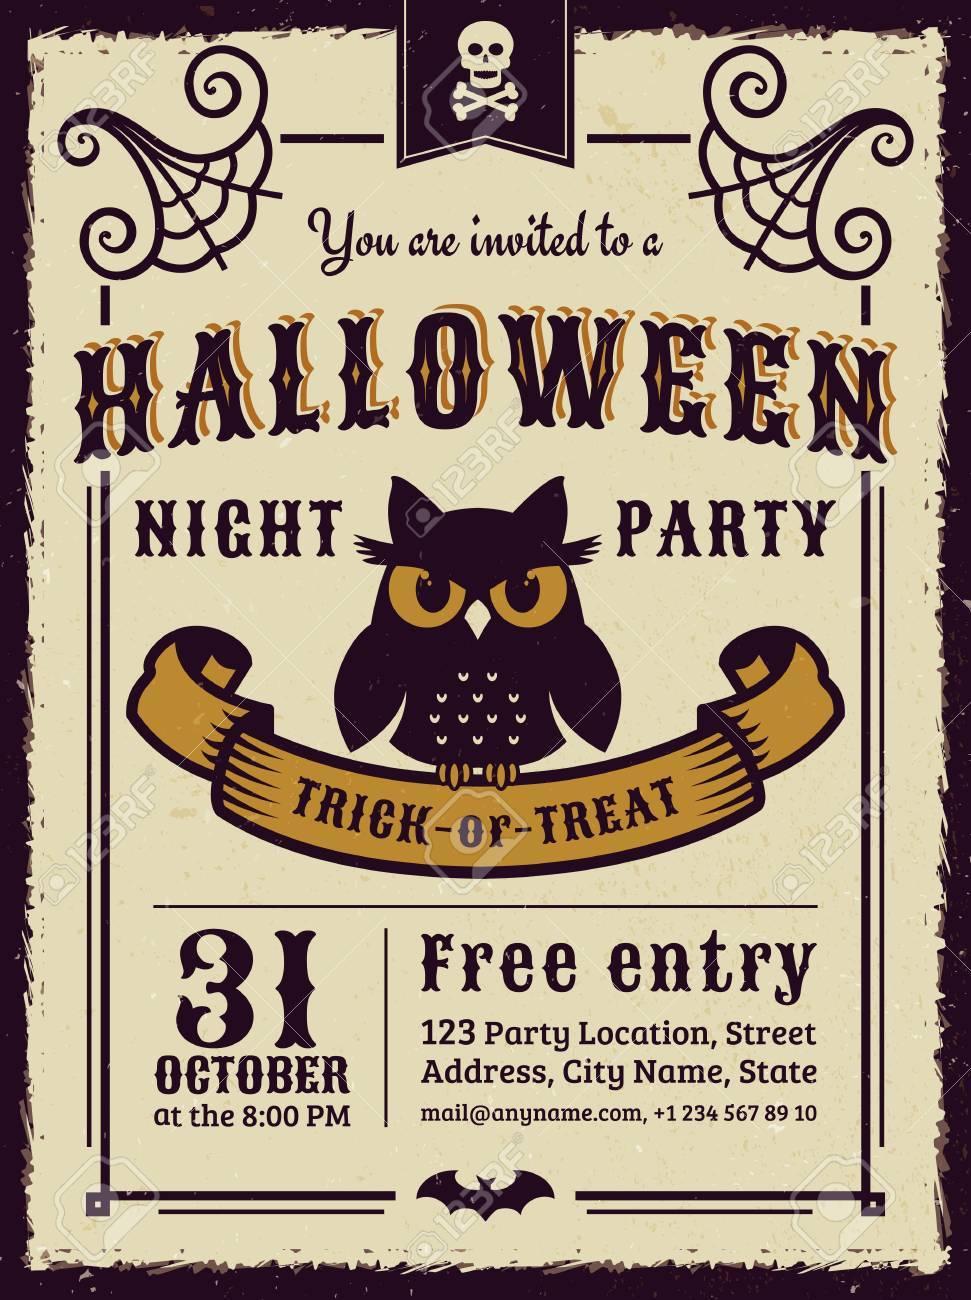 Einladung Zur Halloween-Nacht-Party. Vintage-Karte Mit Düsteren Eule ...